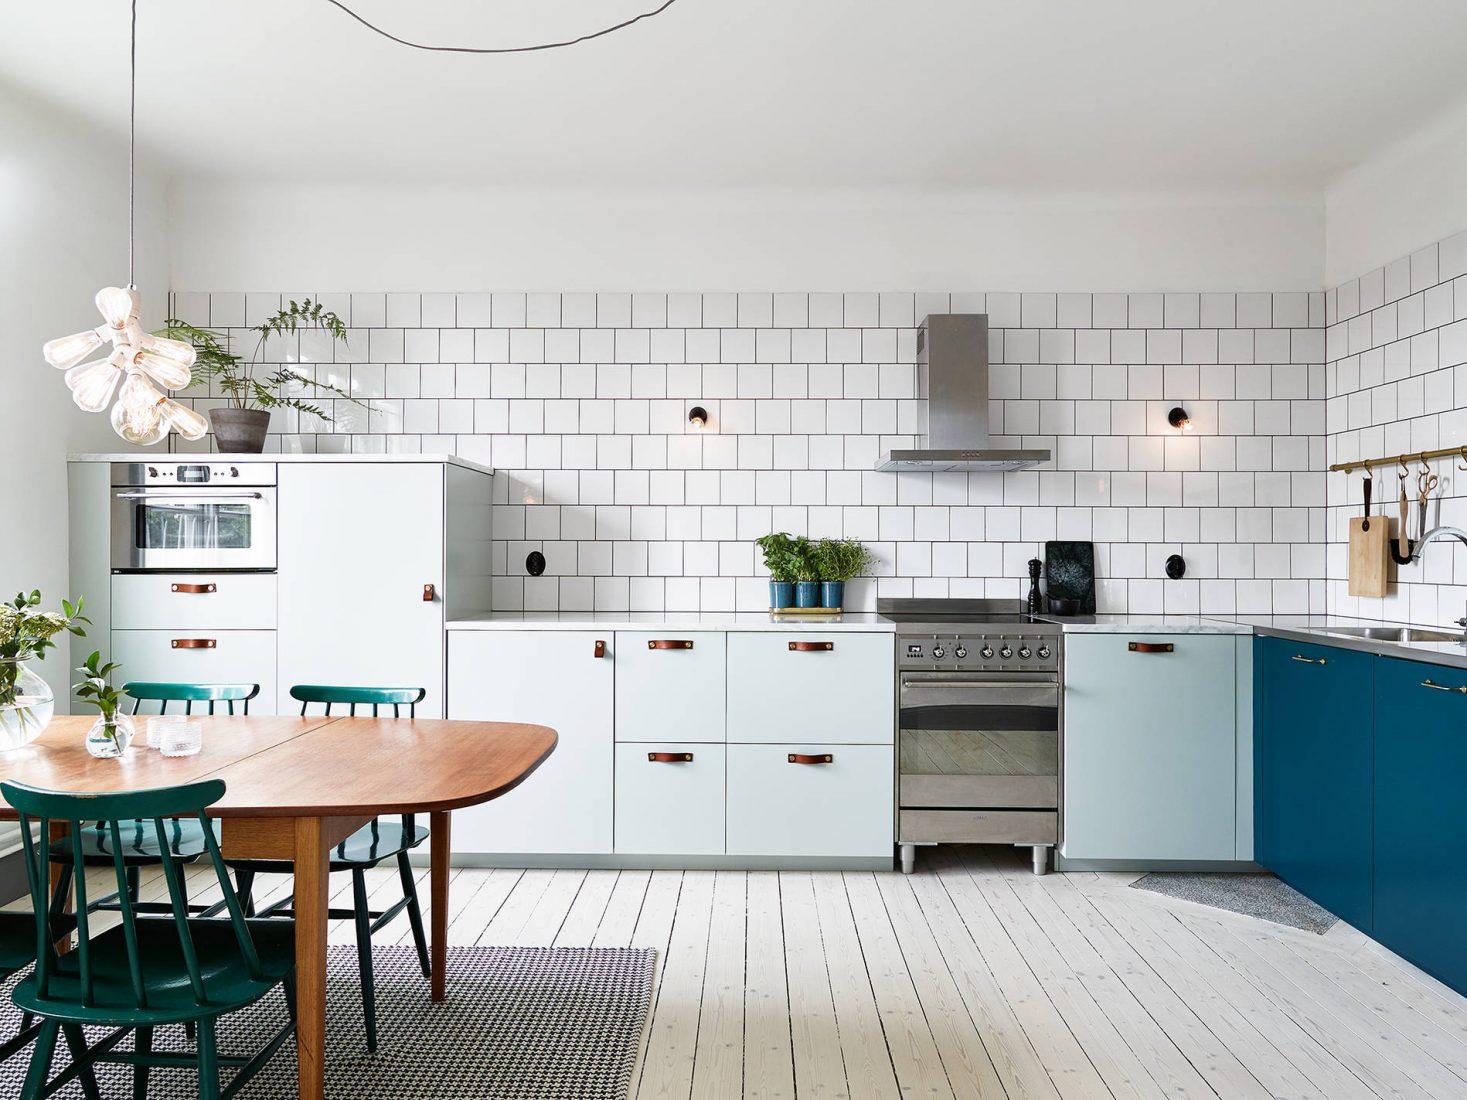 keukentrends 2021 kleurencombinaties